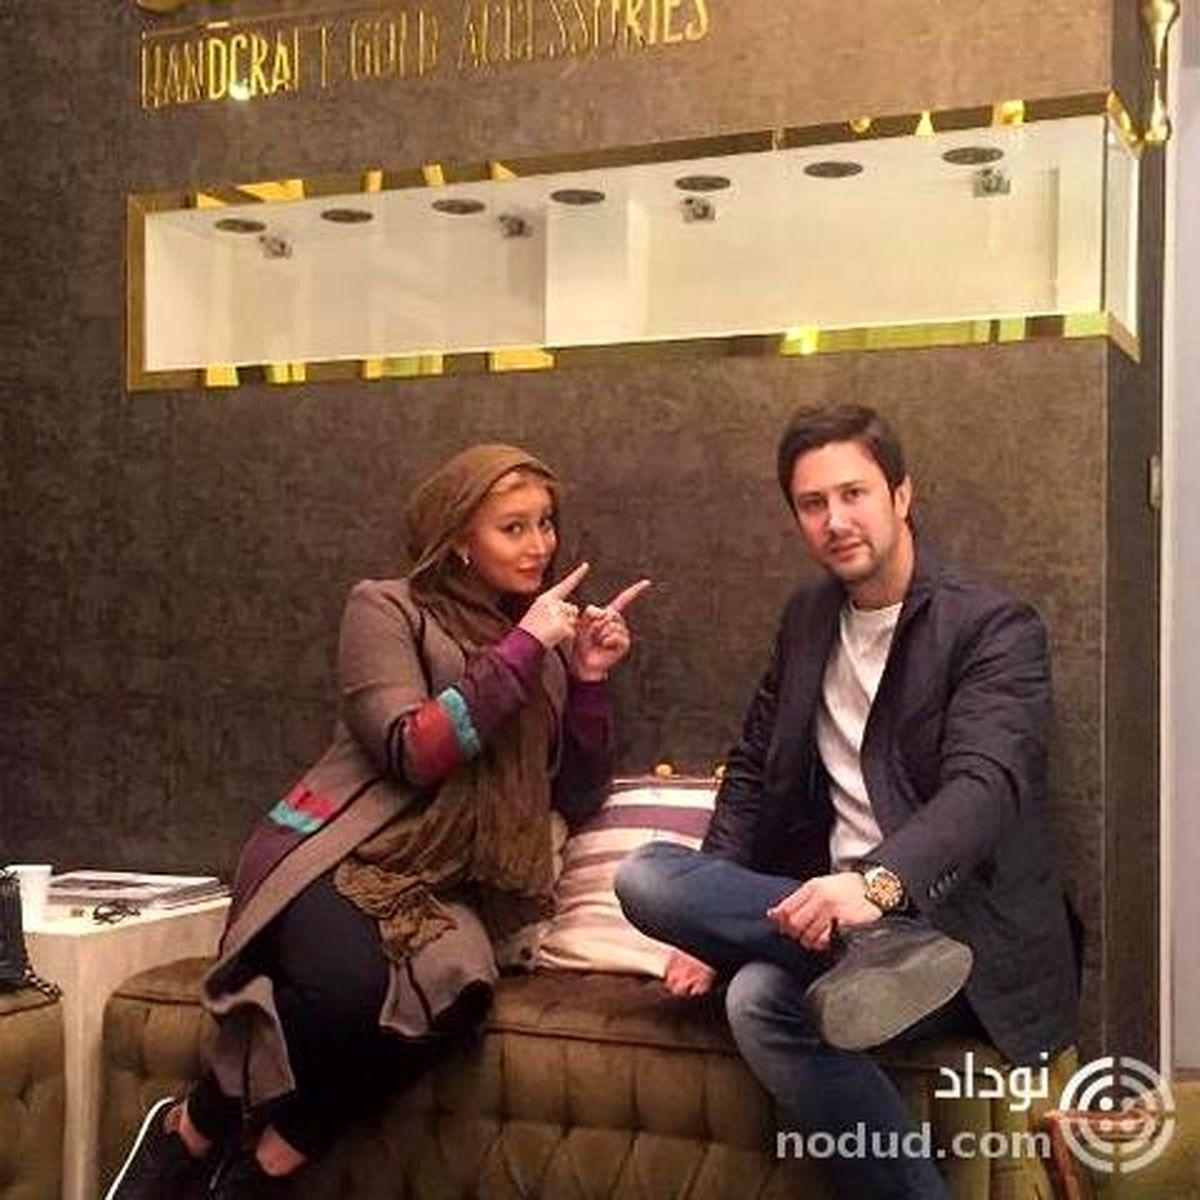 فریبا نادری با شلوار کوتاه در آغوش شاهرخ استخری + عکس